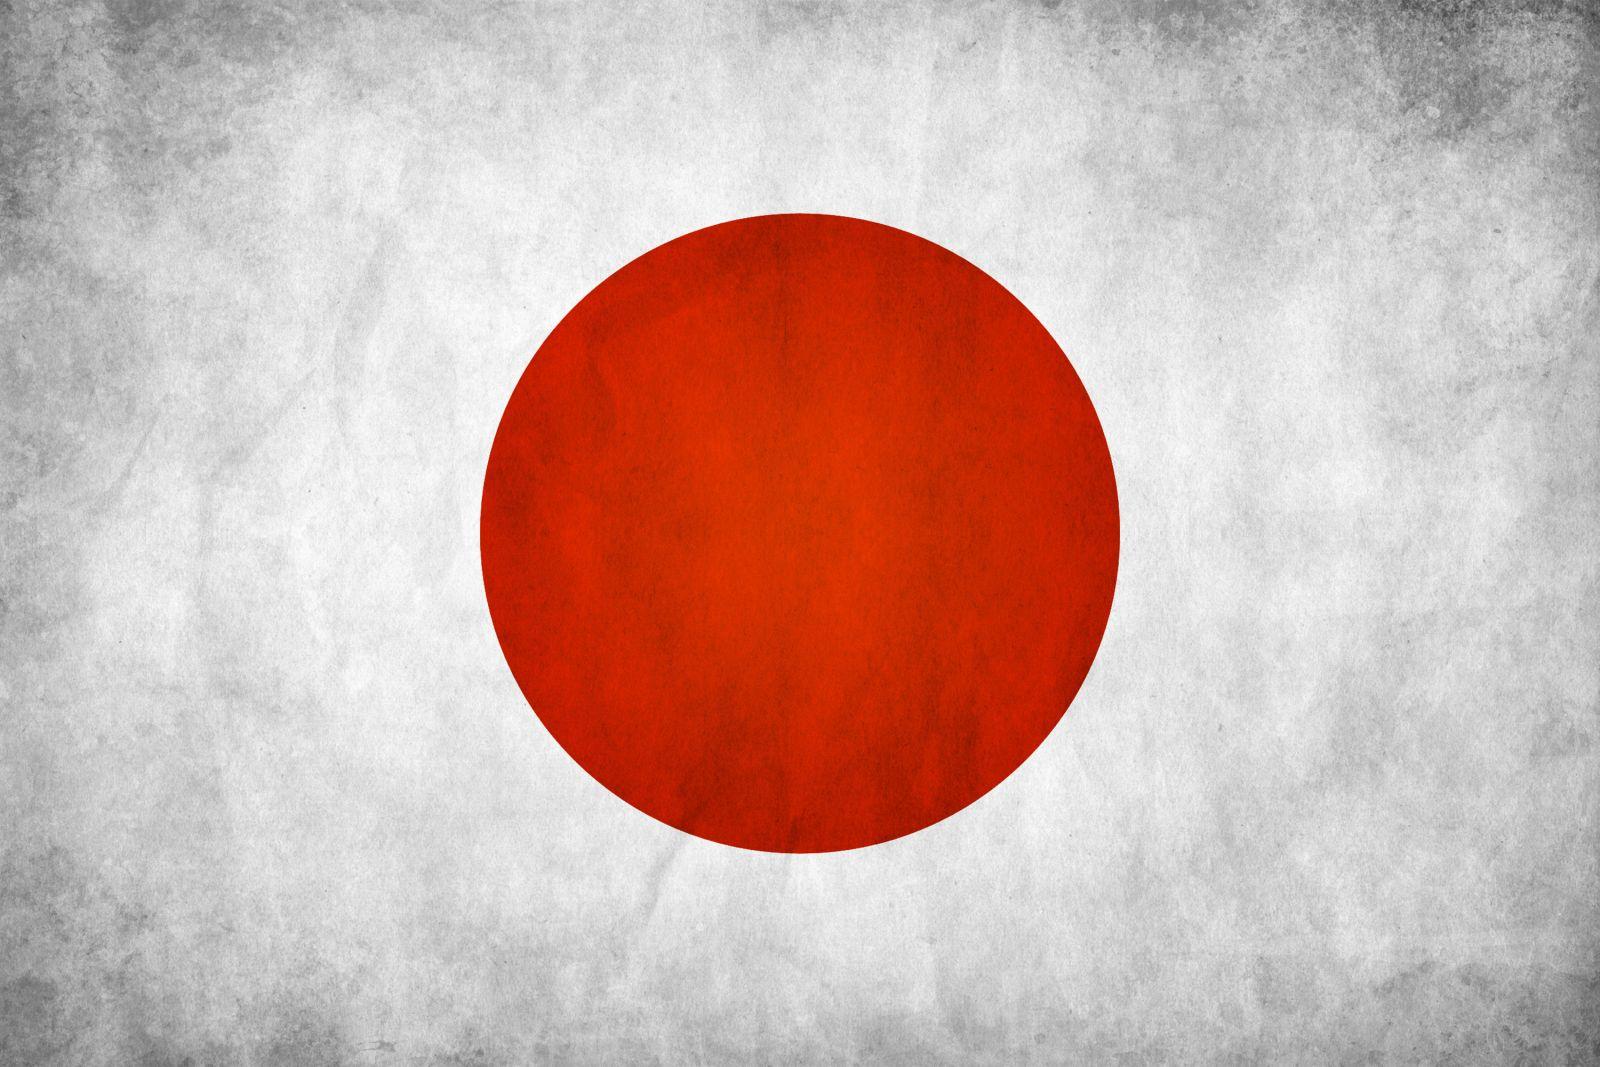 Куда пойти на выходных: Дни Японии на Арт-Пикнике - фото №1